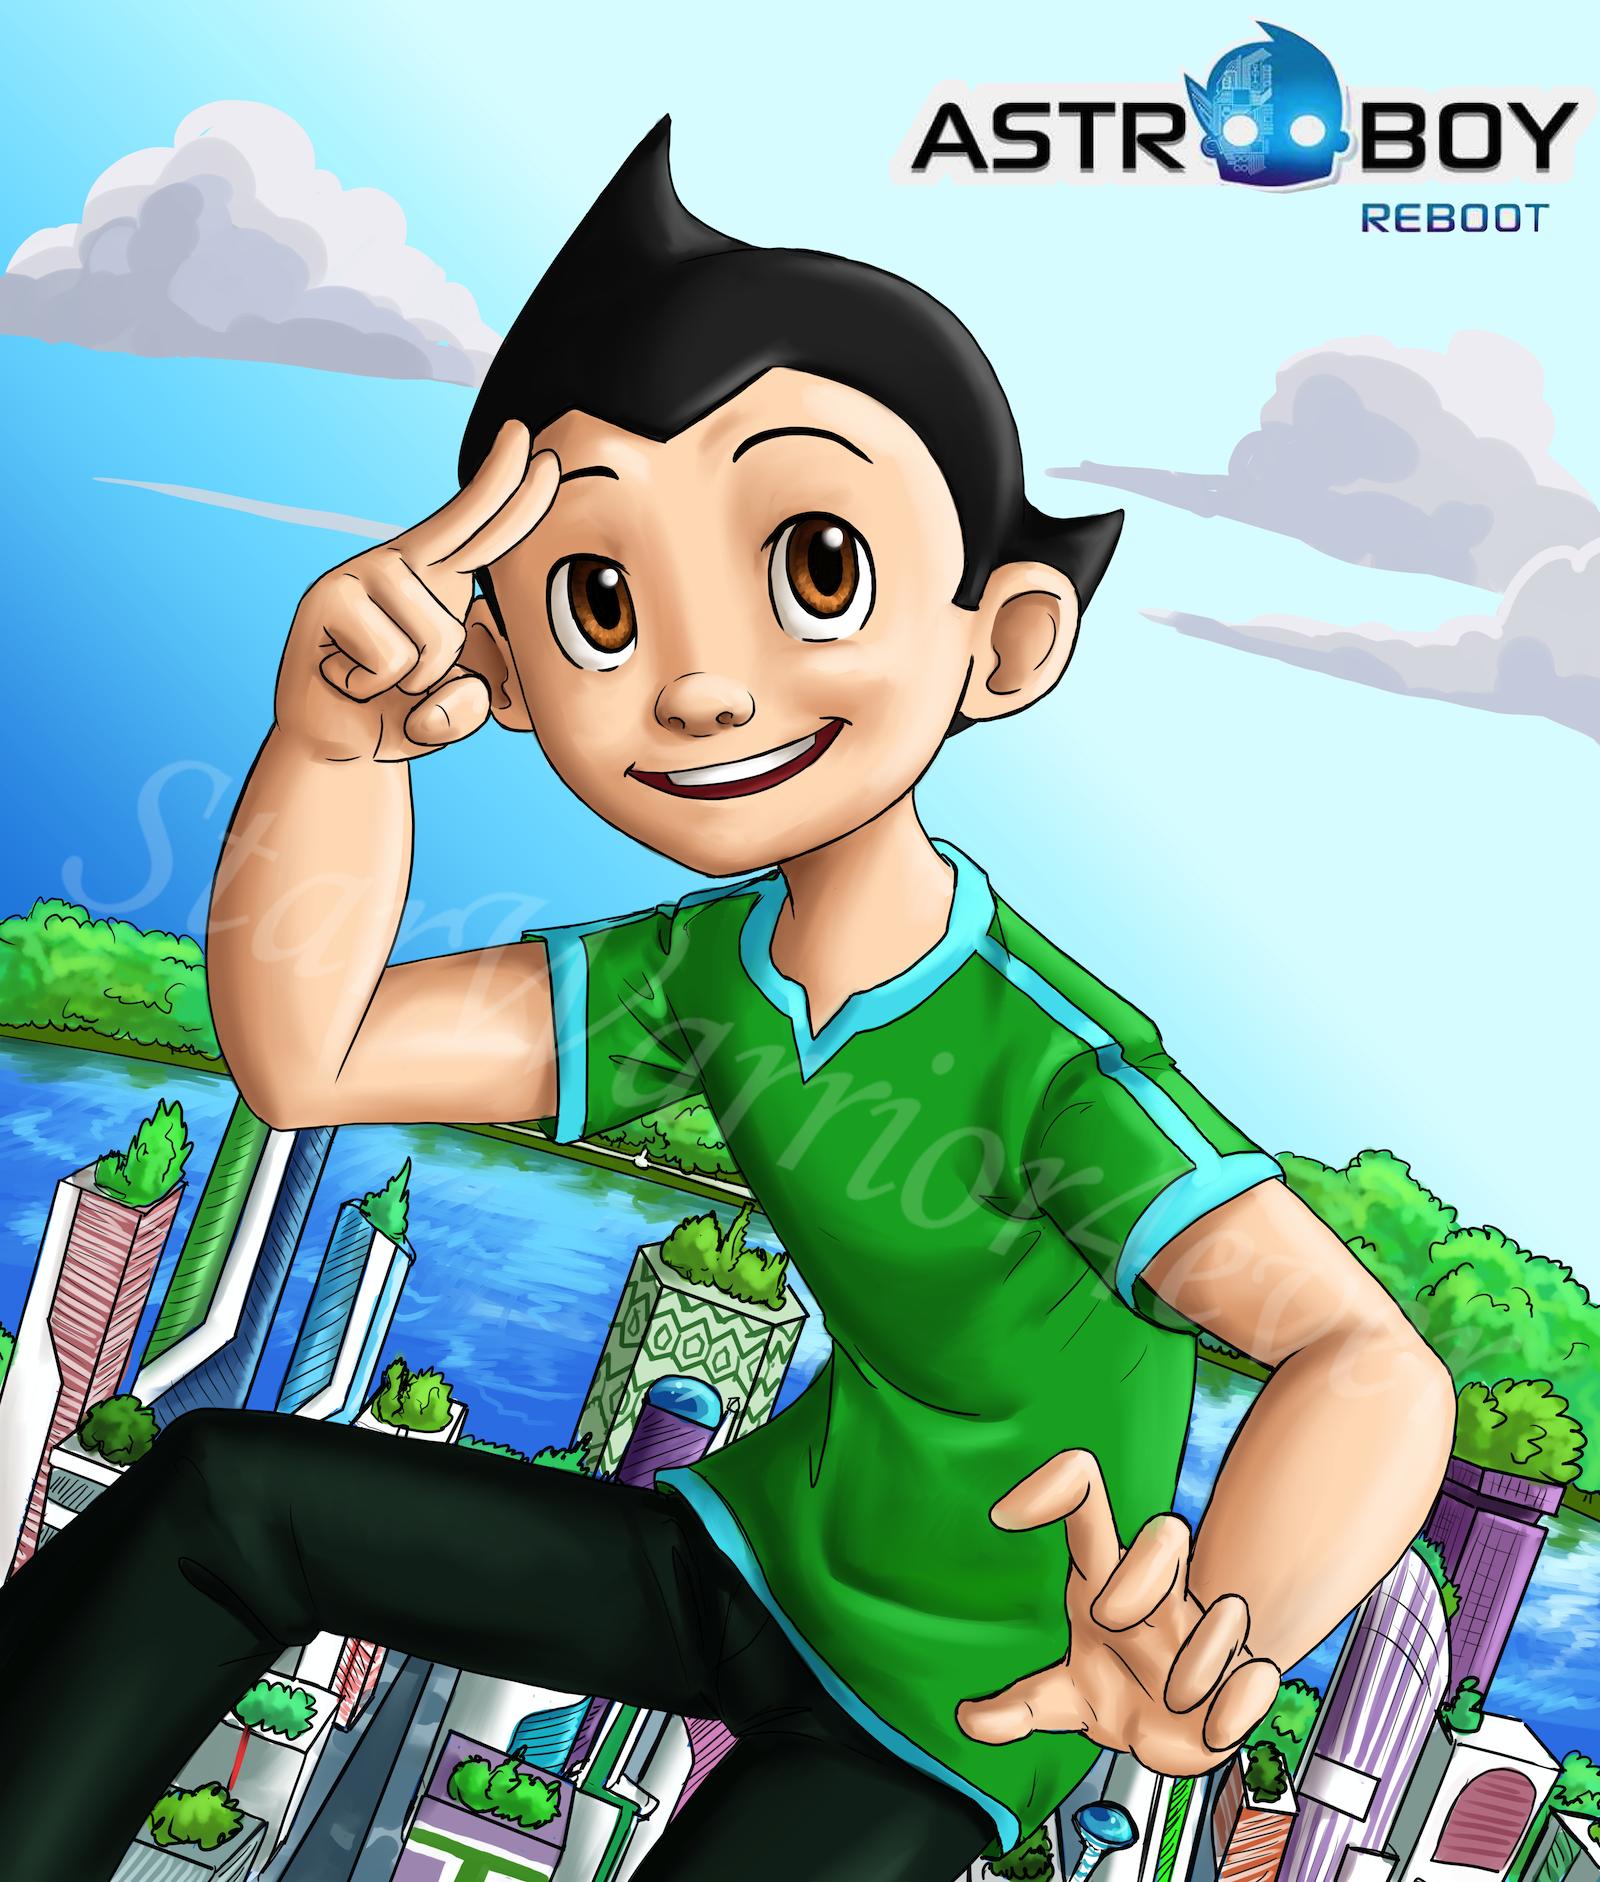 Astro Boy Reboot By Starwarrior4ever On DeviantArt